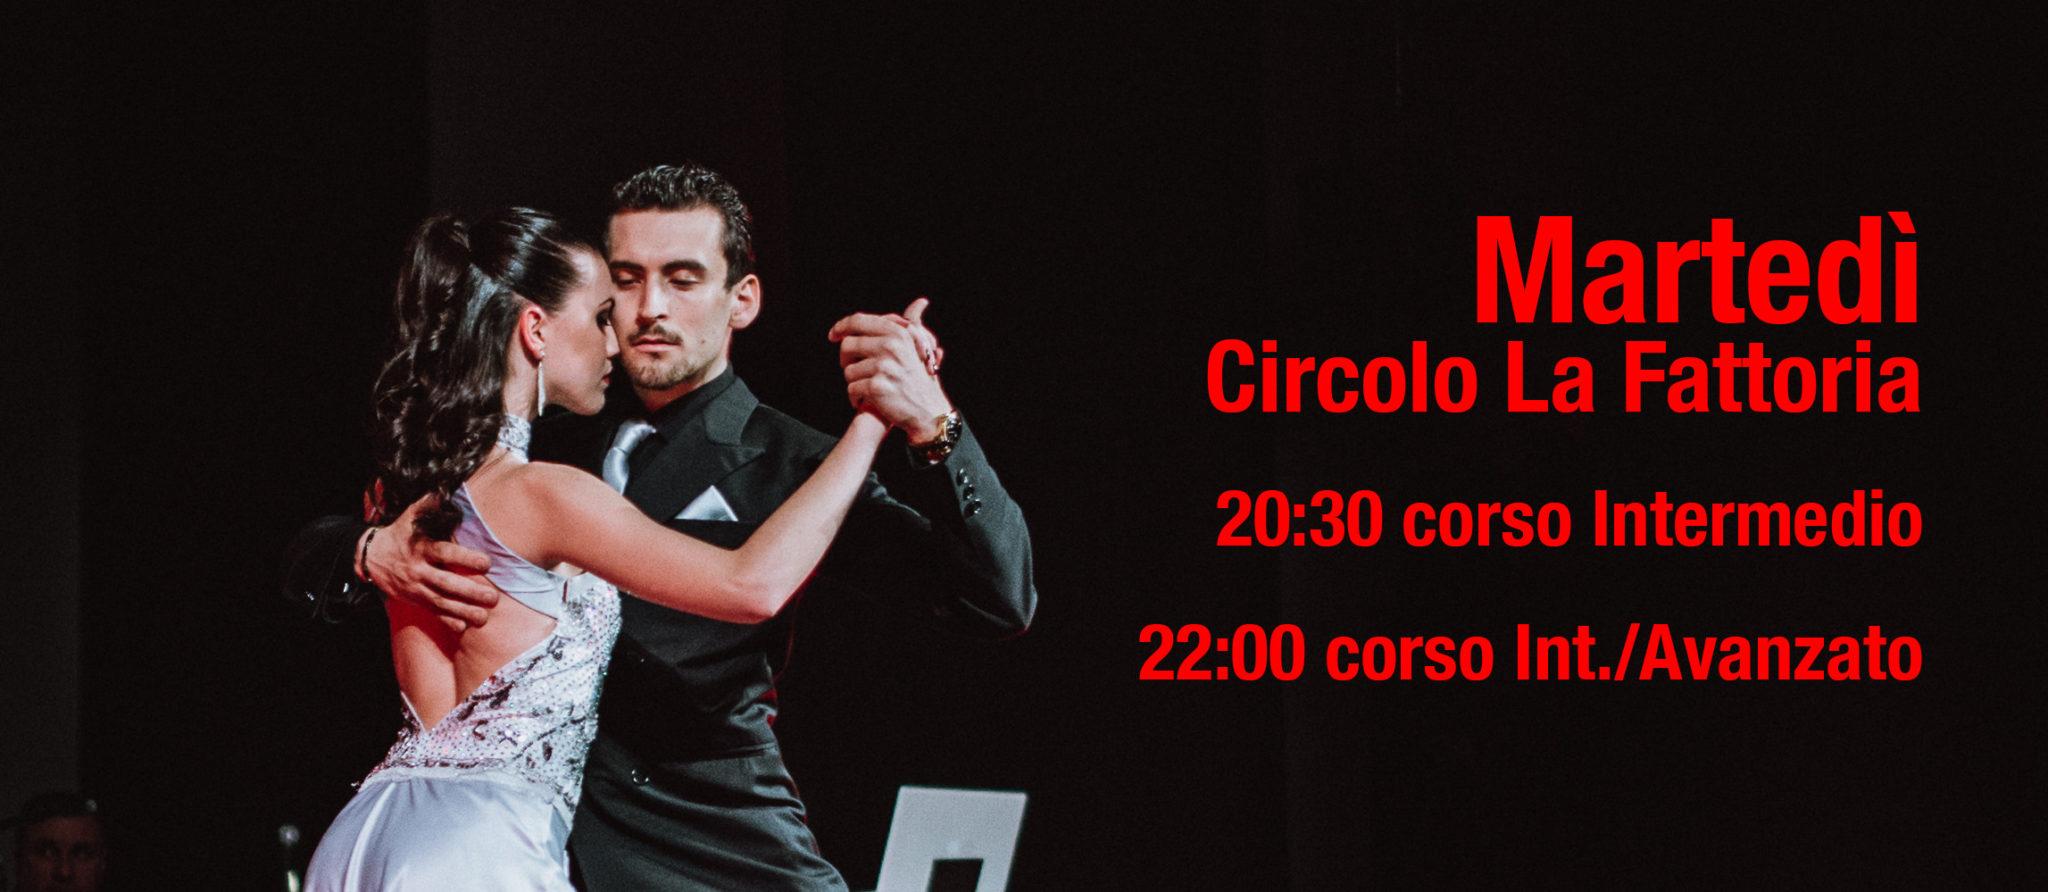 Andrea y Chiara Tango Feliz app 1